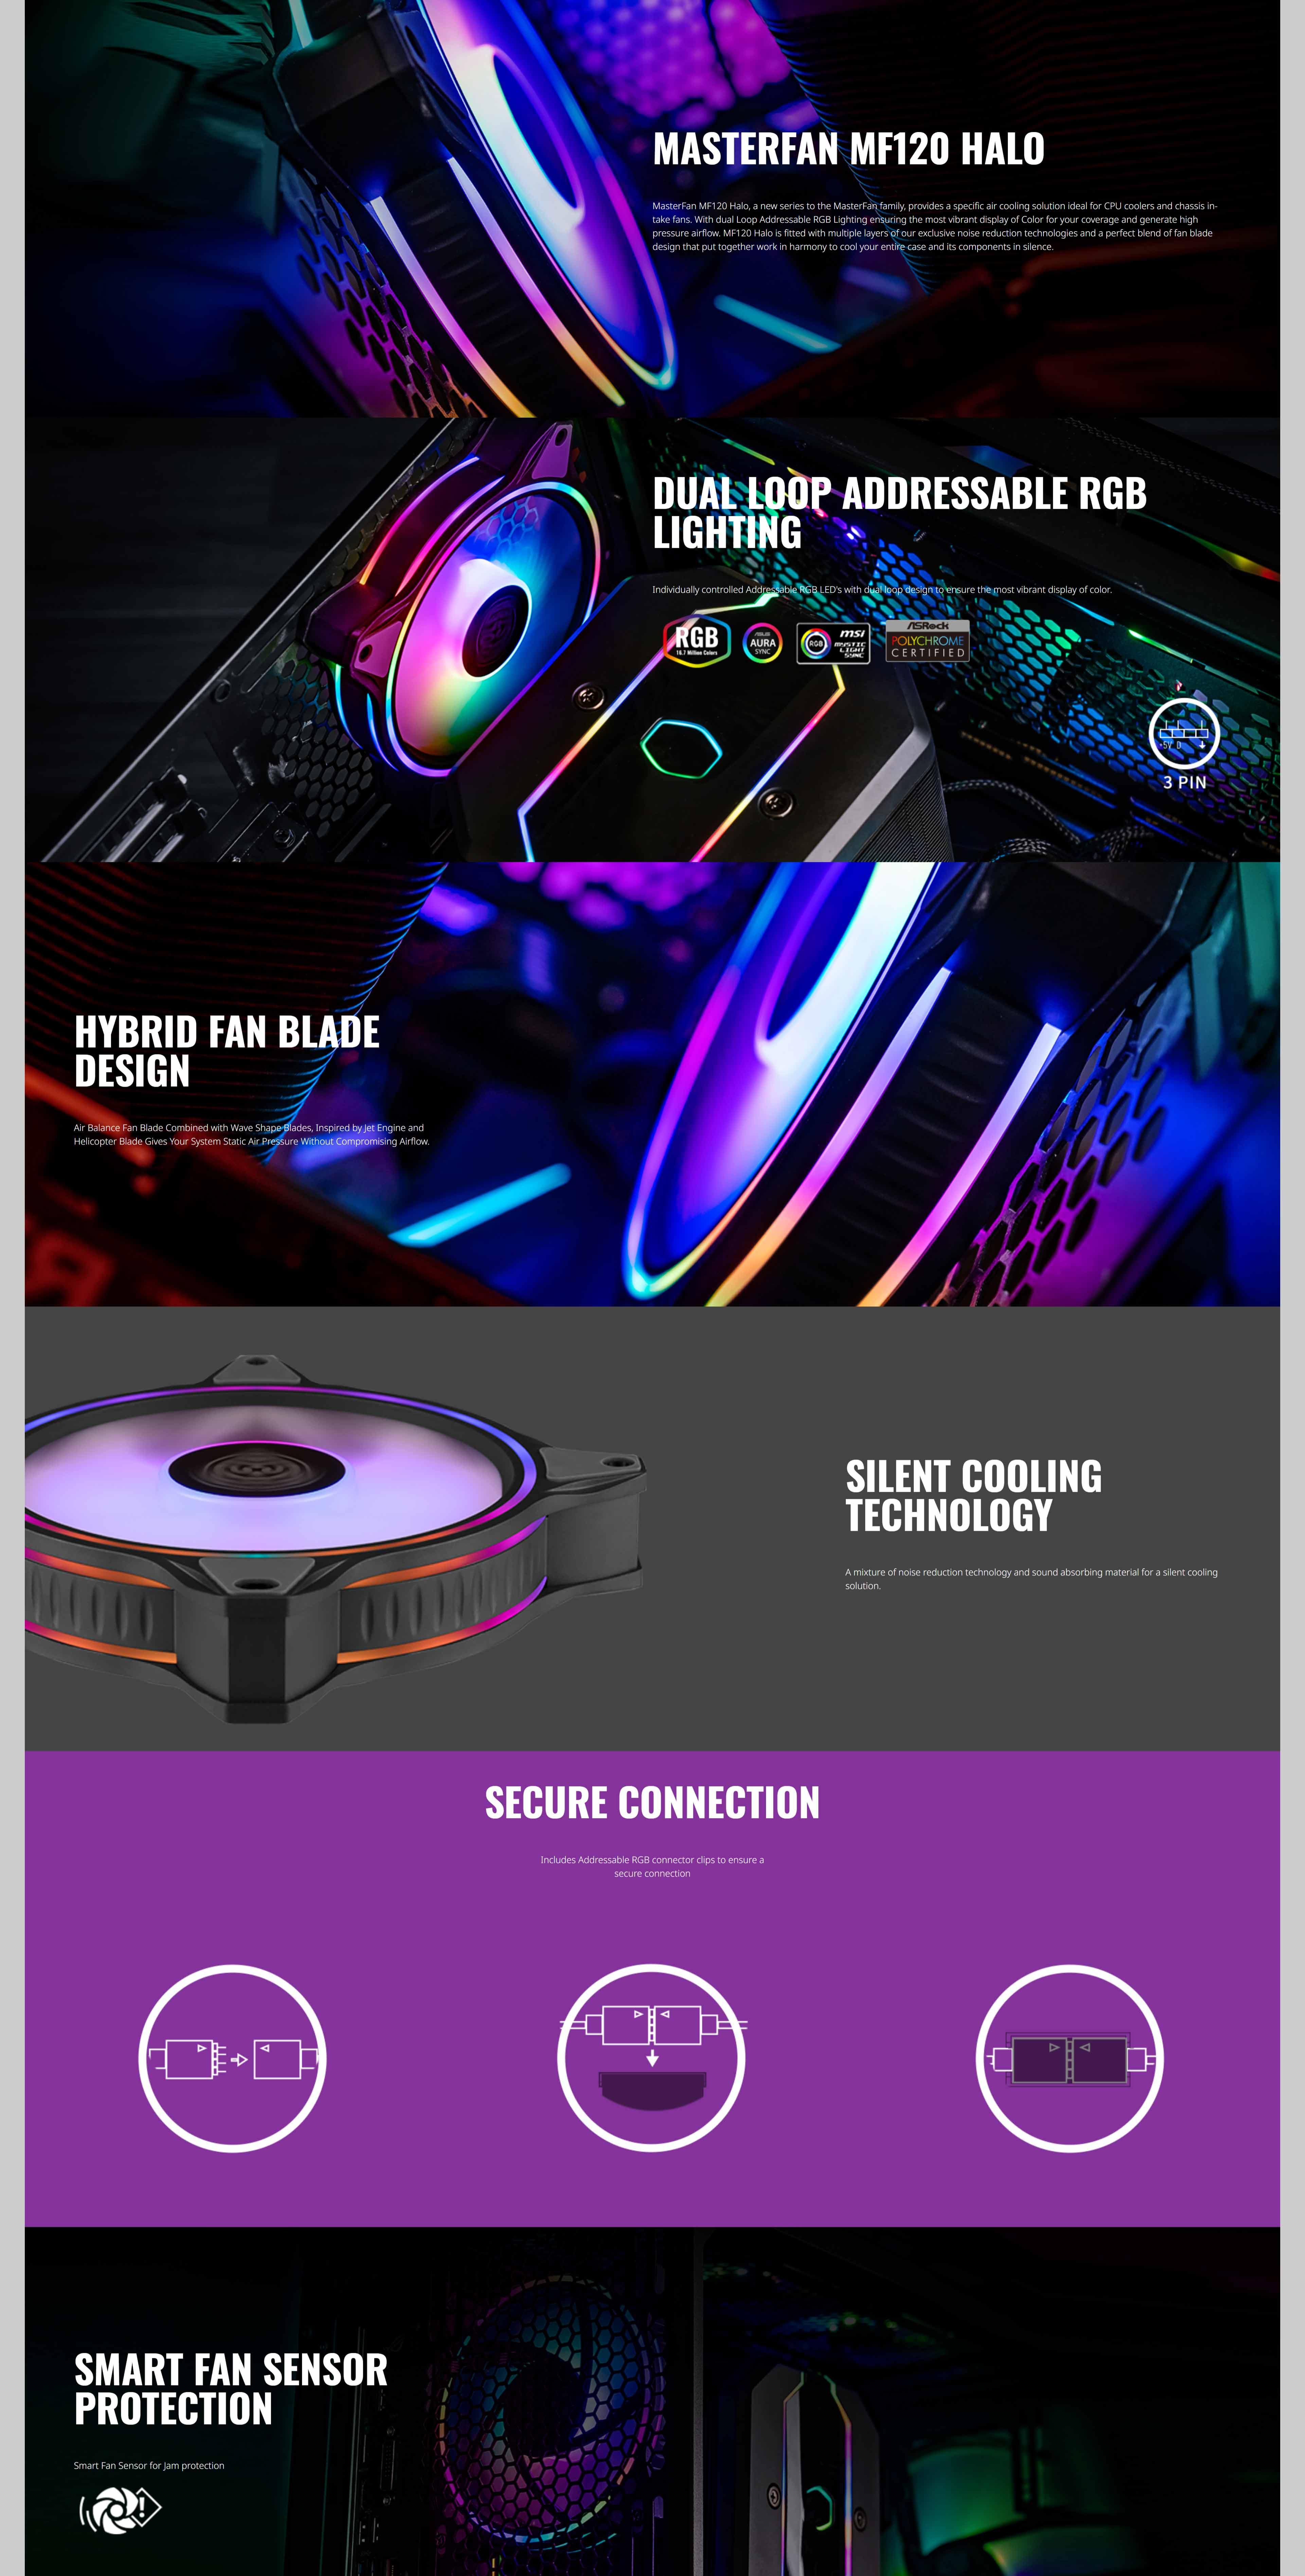 screencapture-coolermaster-catalog-coolers-case-fan-masterfan-mf120-halo-2020-05-21-16_40_03.jpg